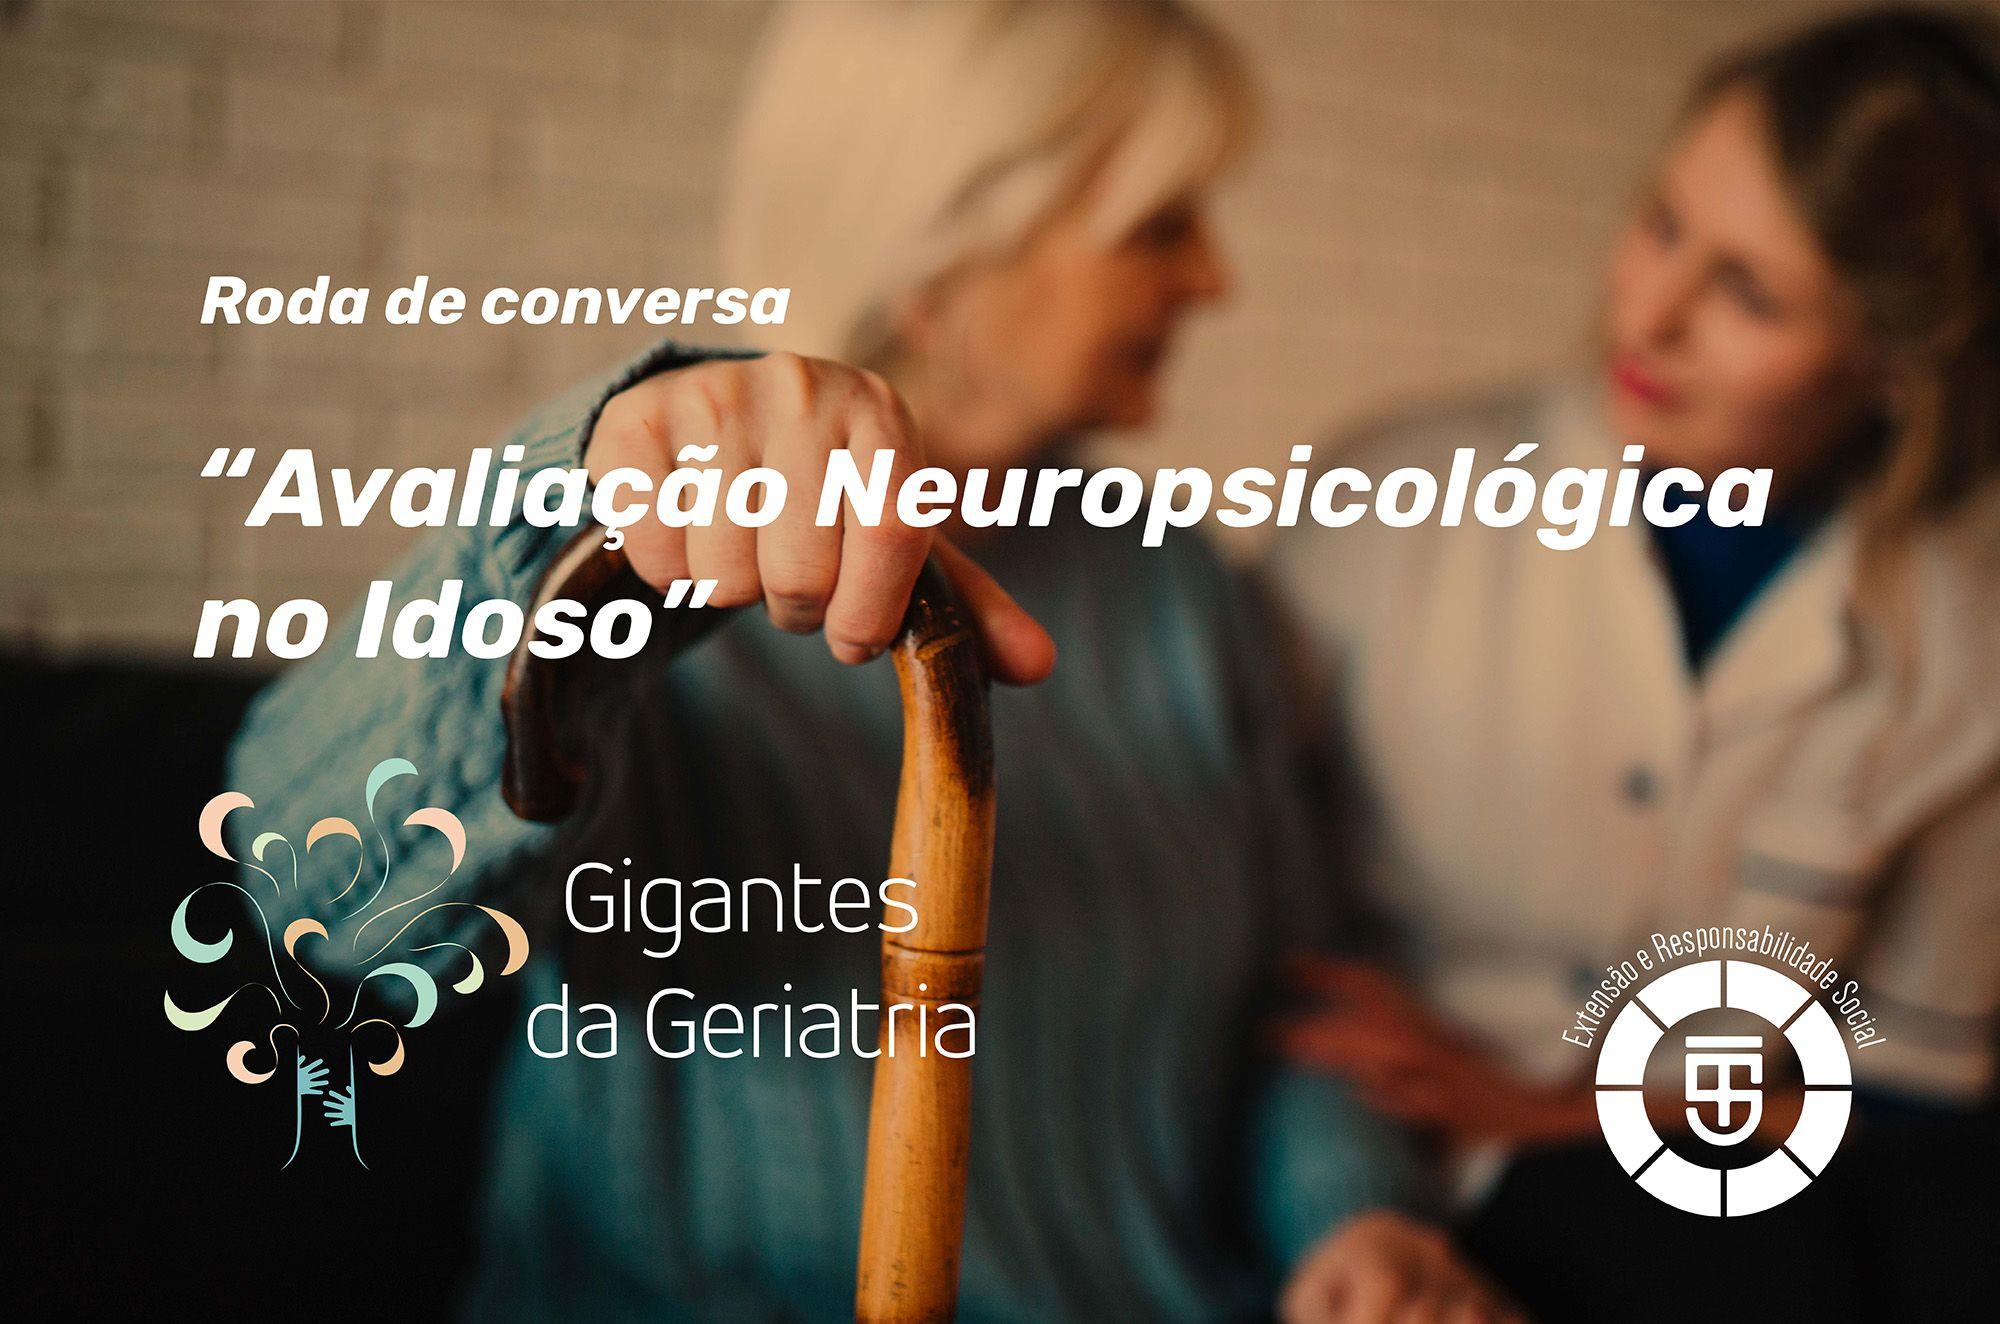 Projeto Gigantes da Geriatria - Roda de conversa sobre Avaliação Neuropsicológica no Idoso